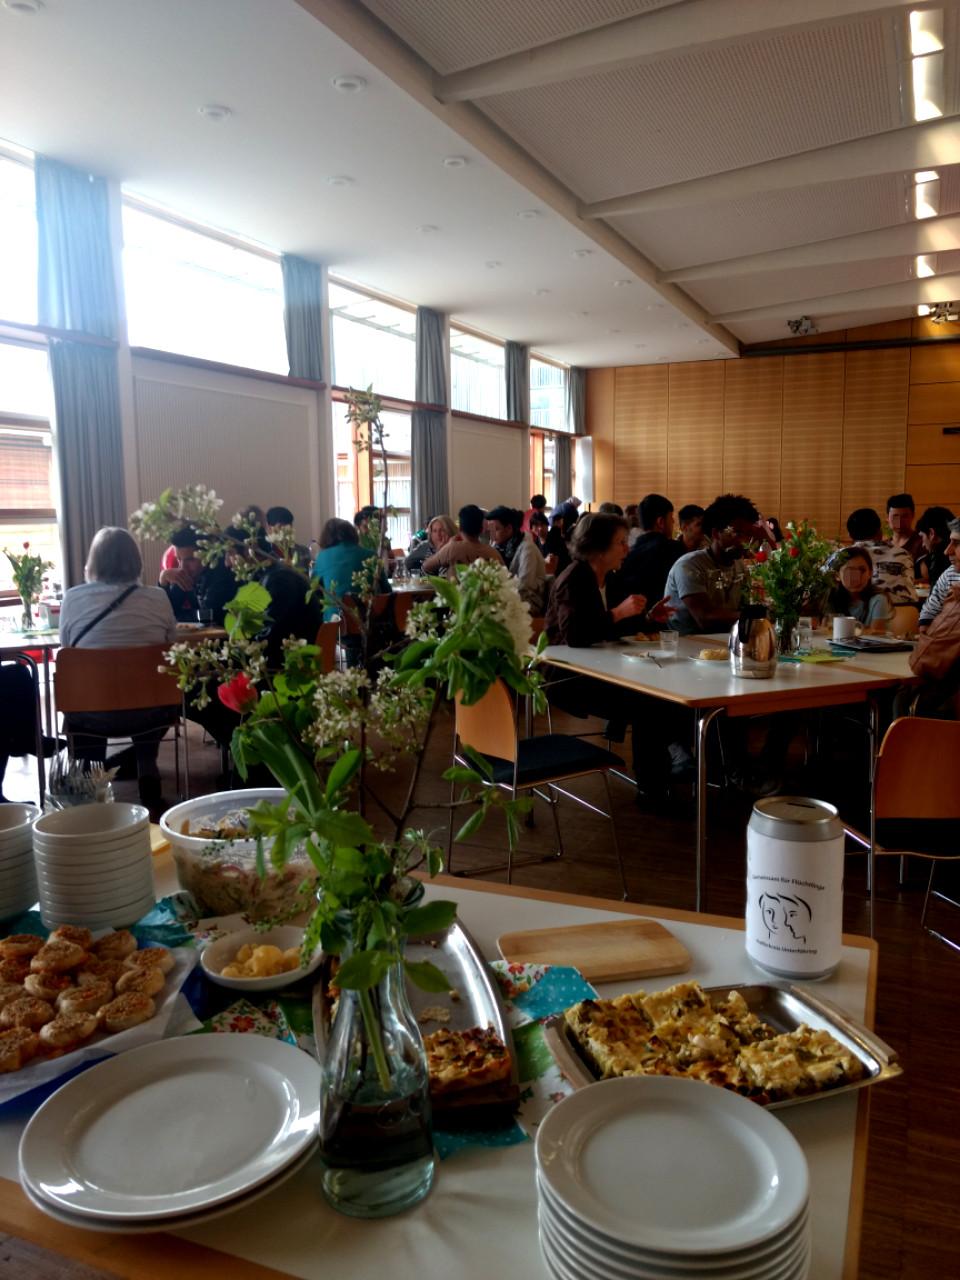 Gemütliches Zusammensein nach dem Spaziergang zum Wahllokal:  Der Helferkreis lädt ein zum Café Miteinander!